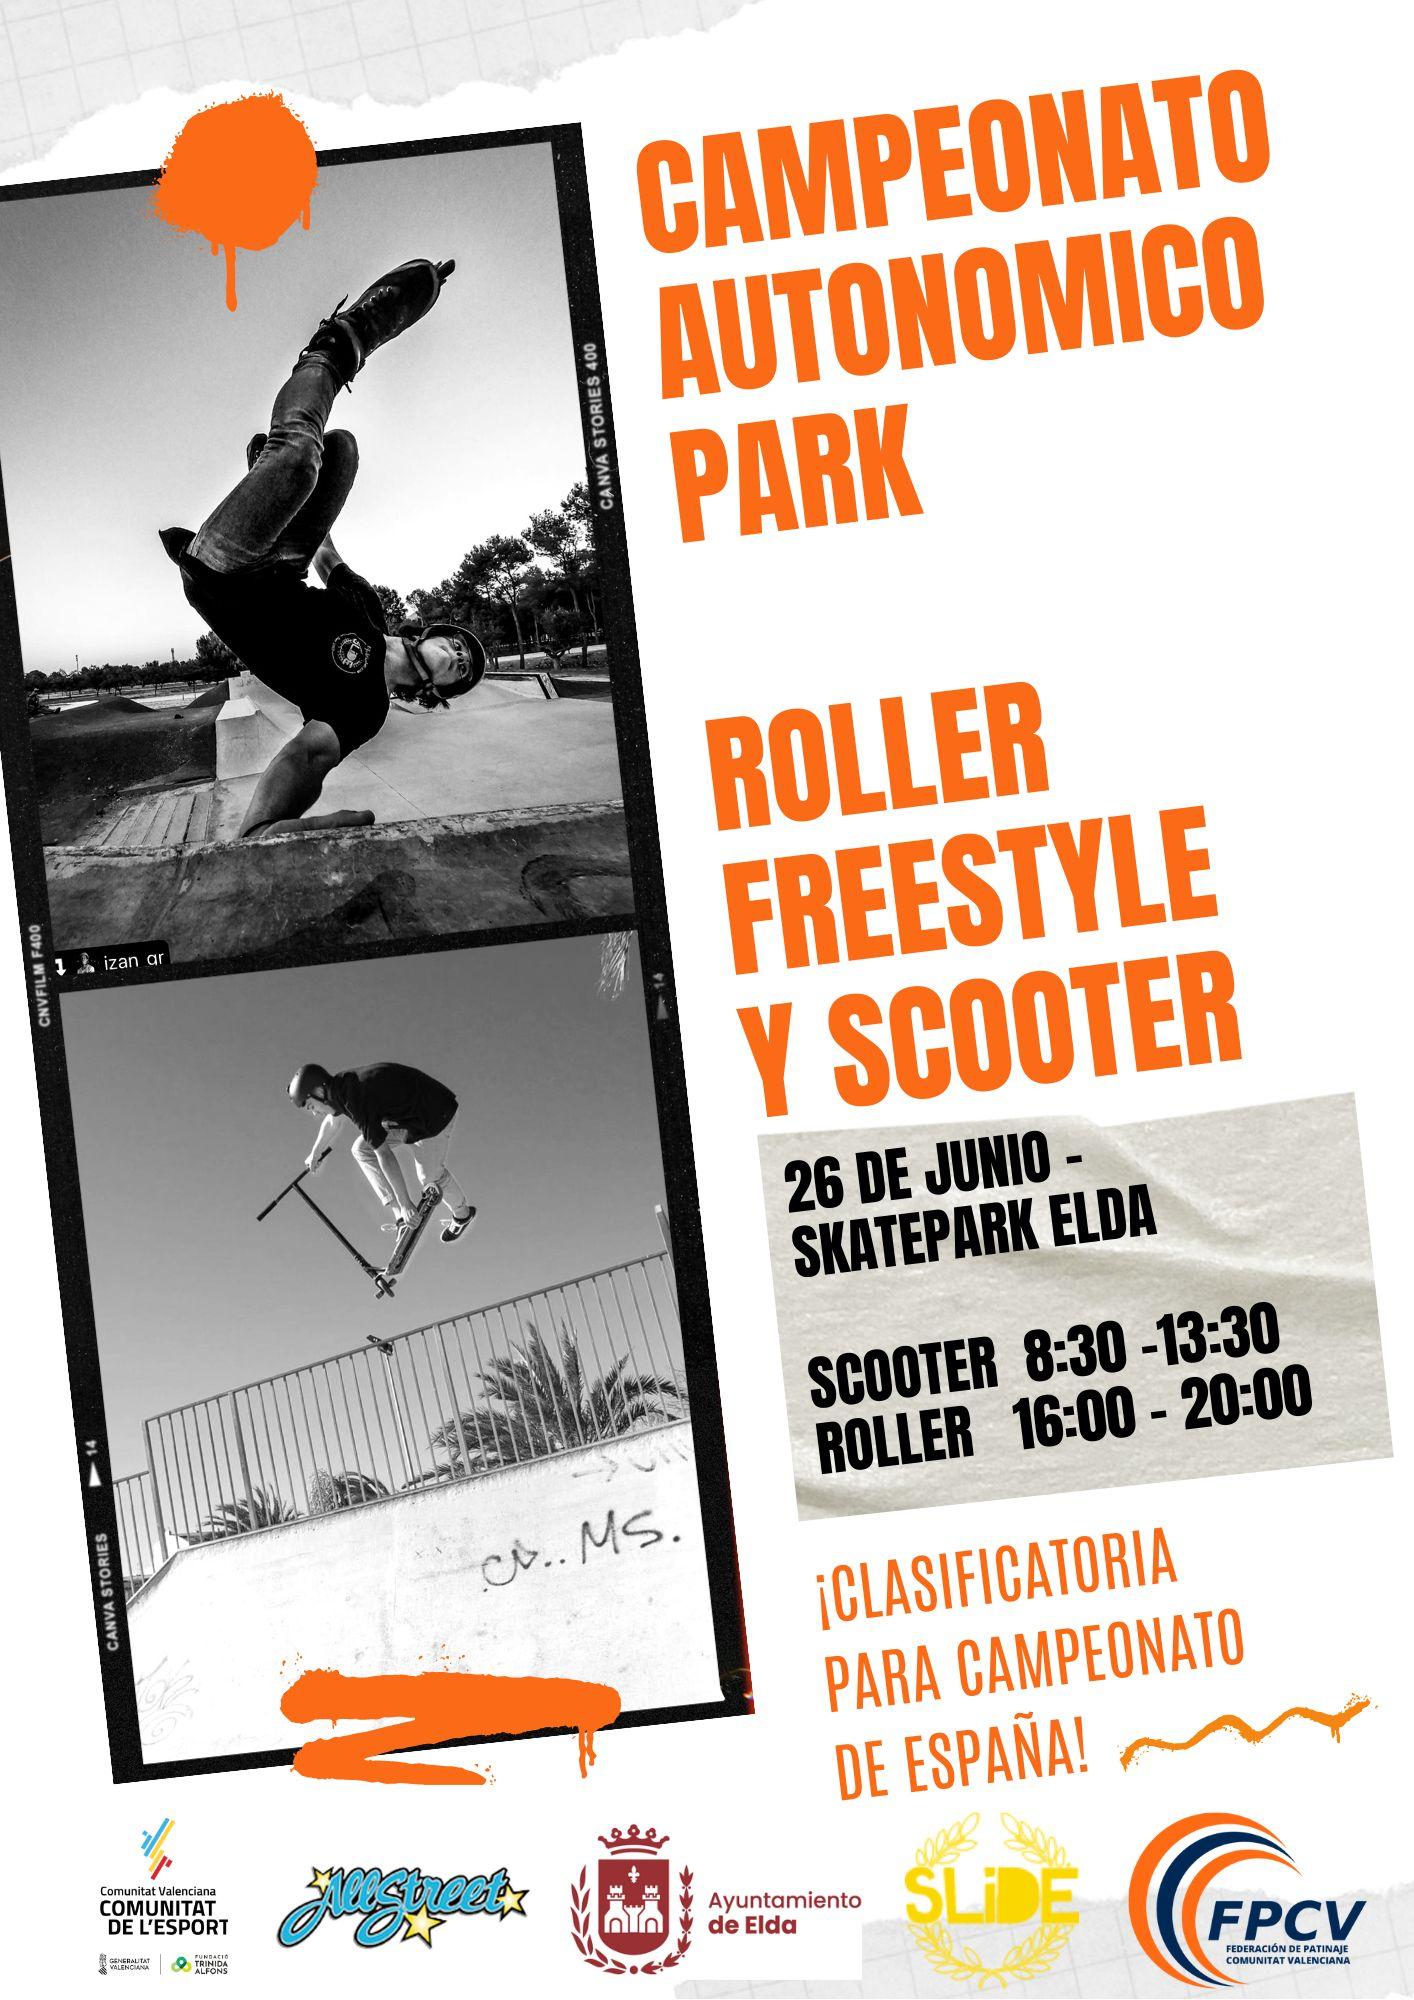 El Skate Park de Elda acogerá el sábado 26 de junio el Campeonato Autonómico de Roller Freestyle y Scooter Freestyle